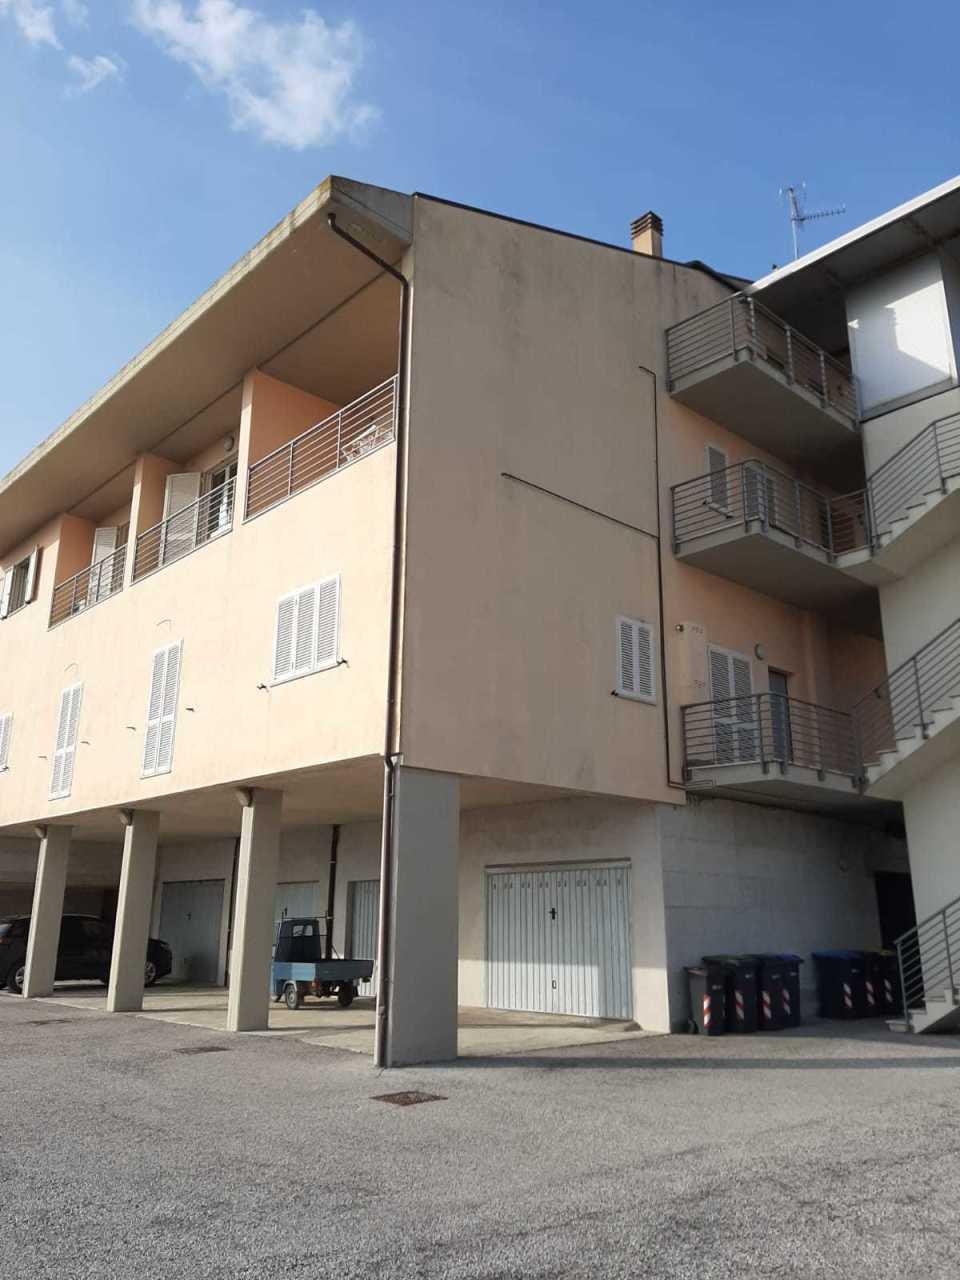 Attico / Mansarda in vendita a Avigliano Umbro, 3 locali, prezzo € 55.000   PortaleAgenzieImmobiliari.it